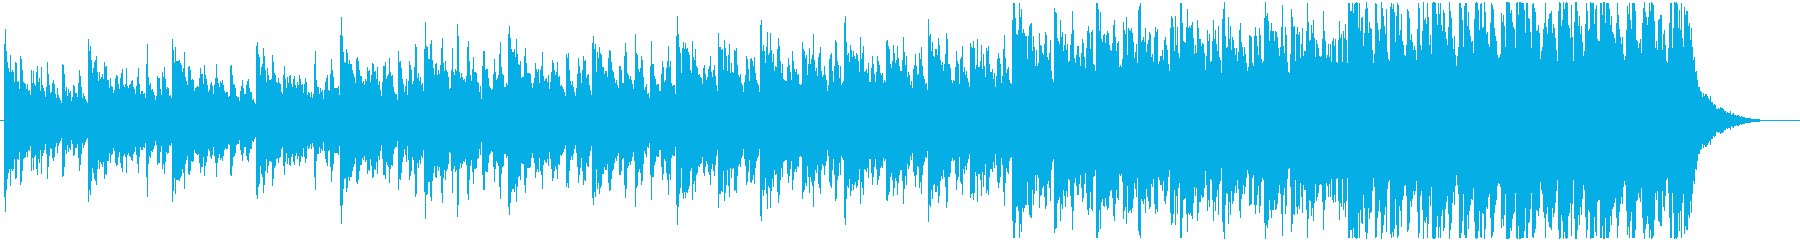 緊迫感のあるシネマティック(テンポ普通)の再生済みの波形